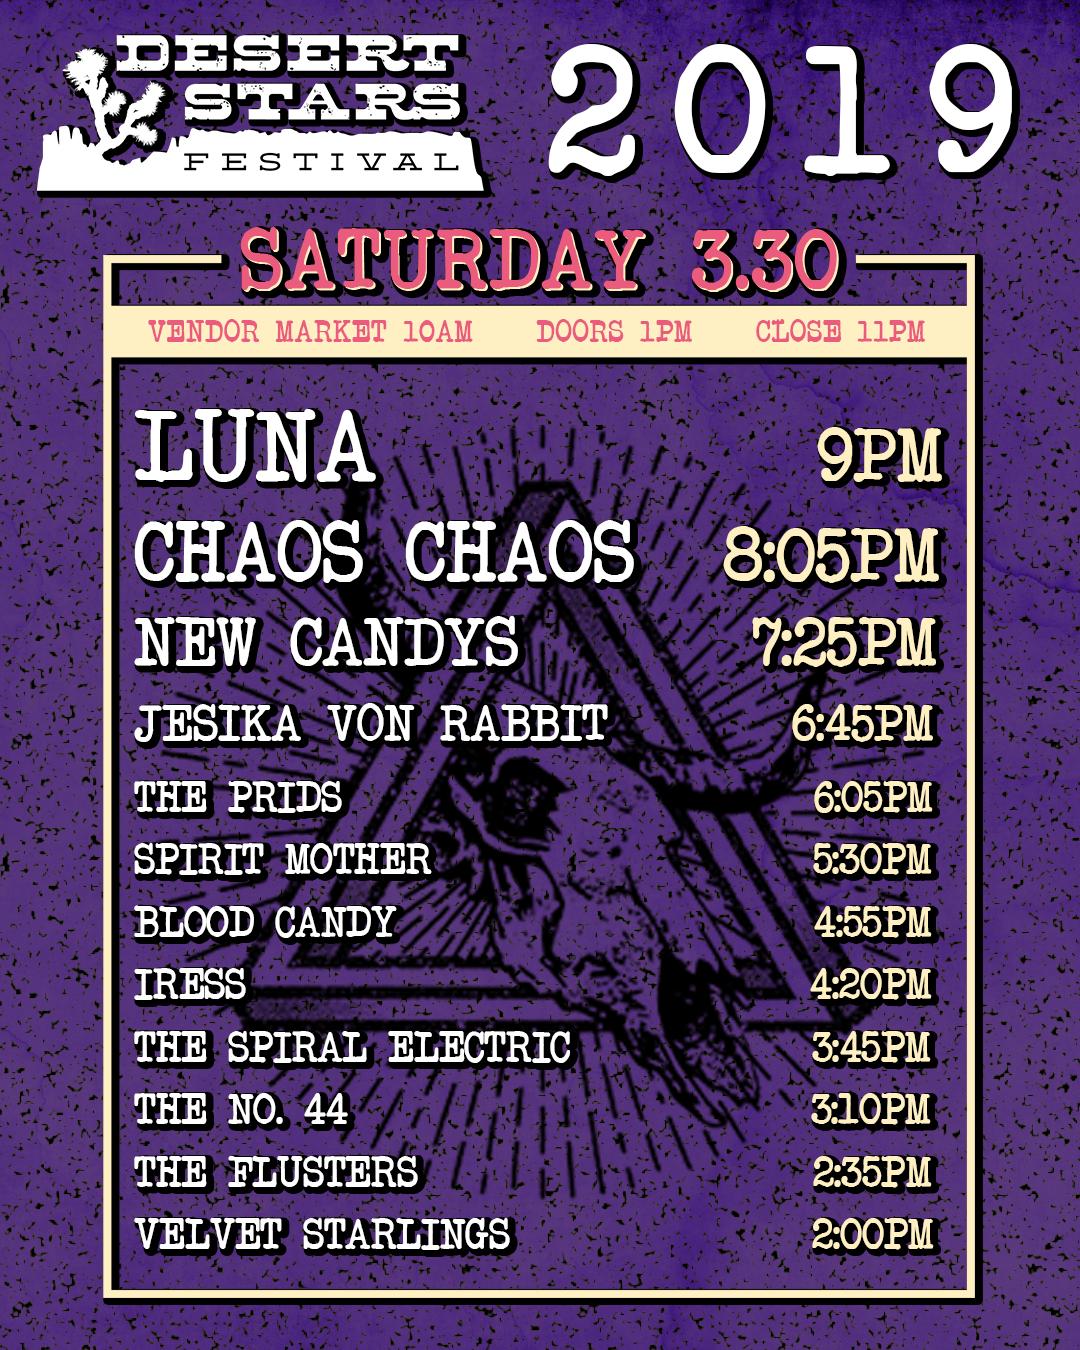 Desert Stars Schedule Saturday 3-30